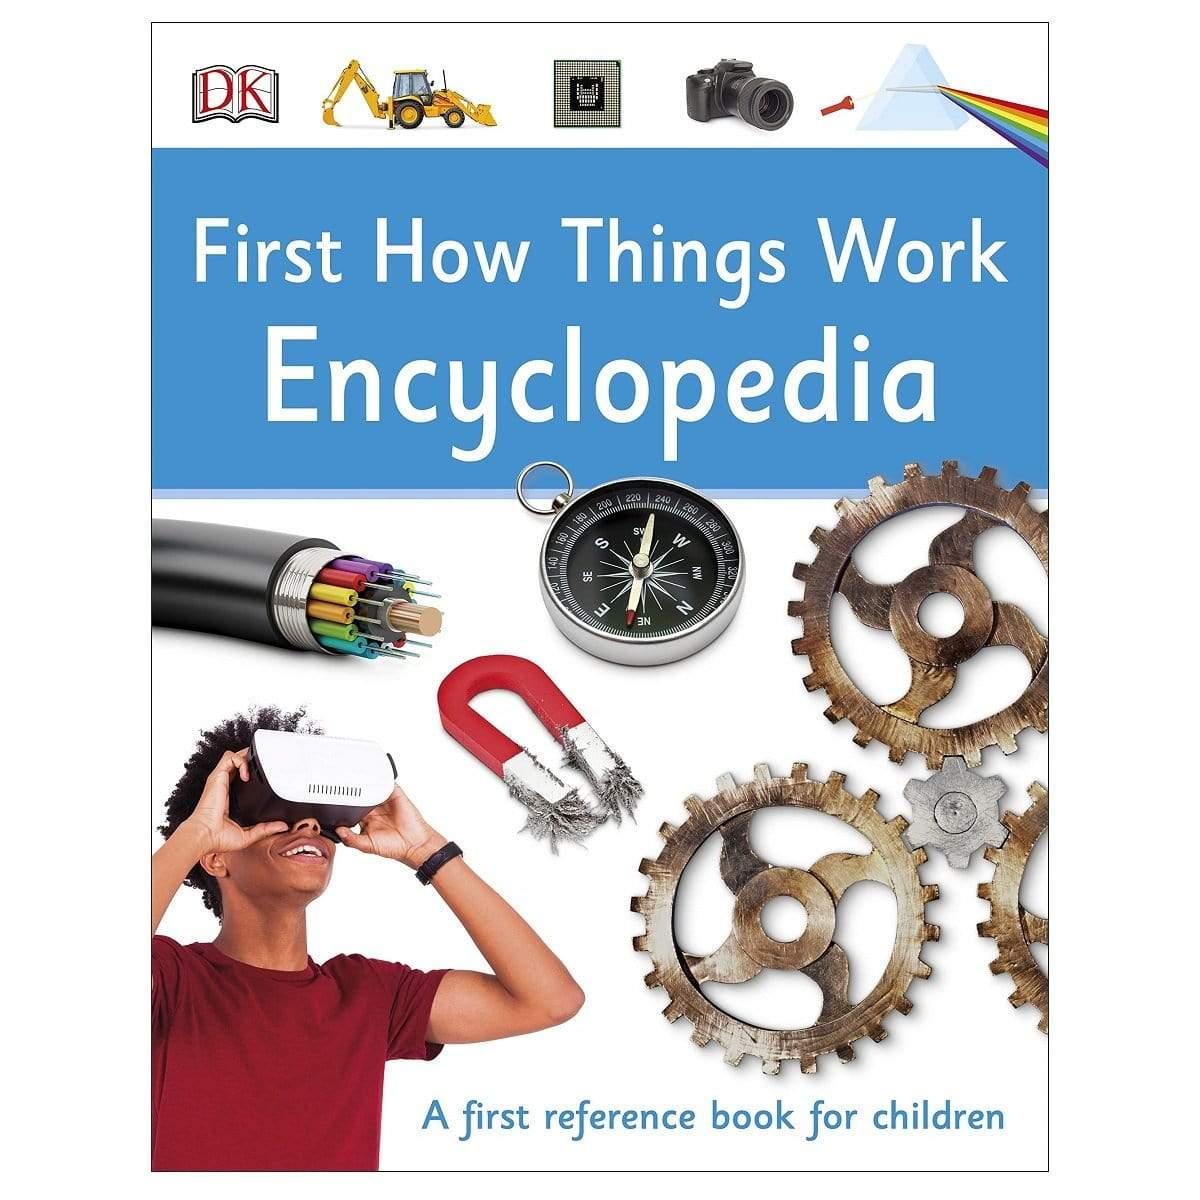 DK: First How Things Work Encyclopedia